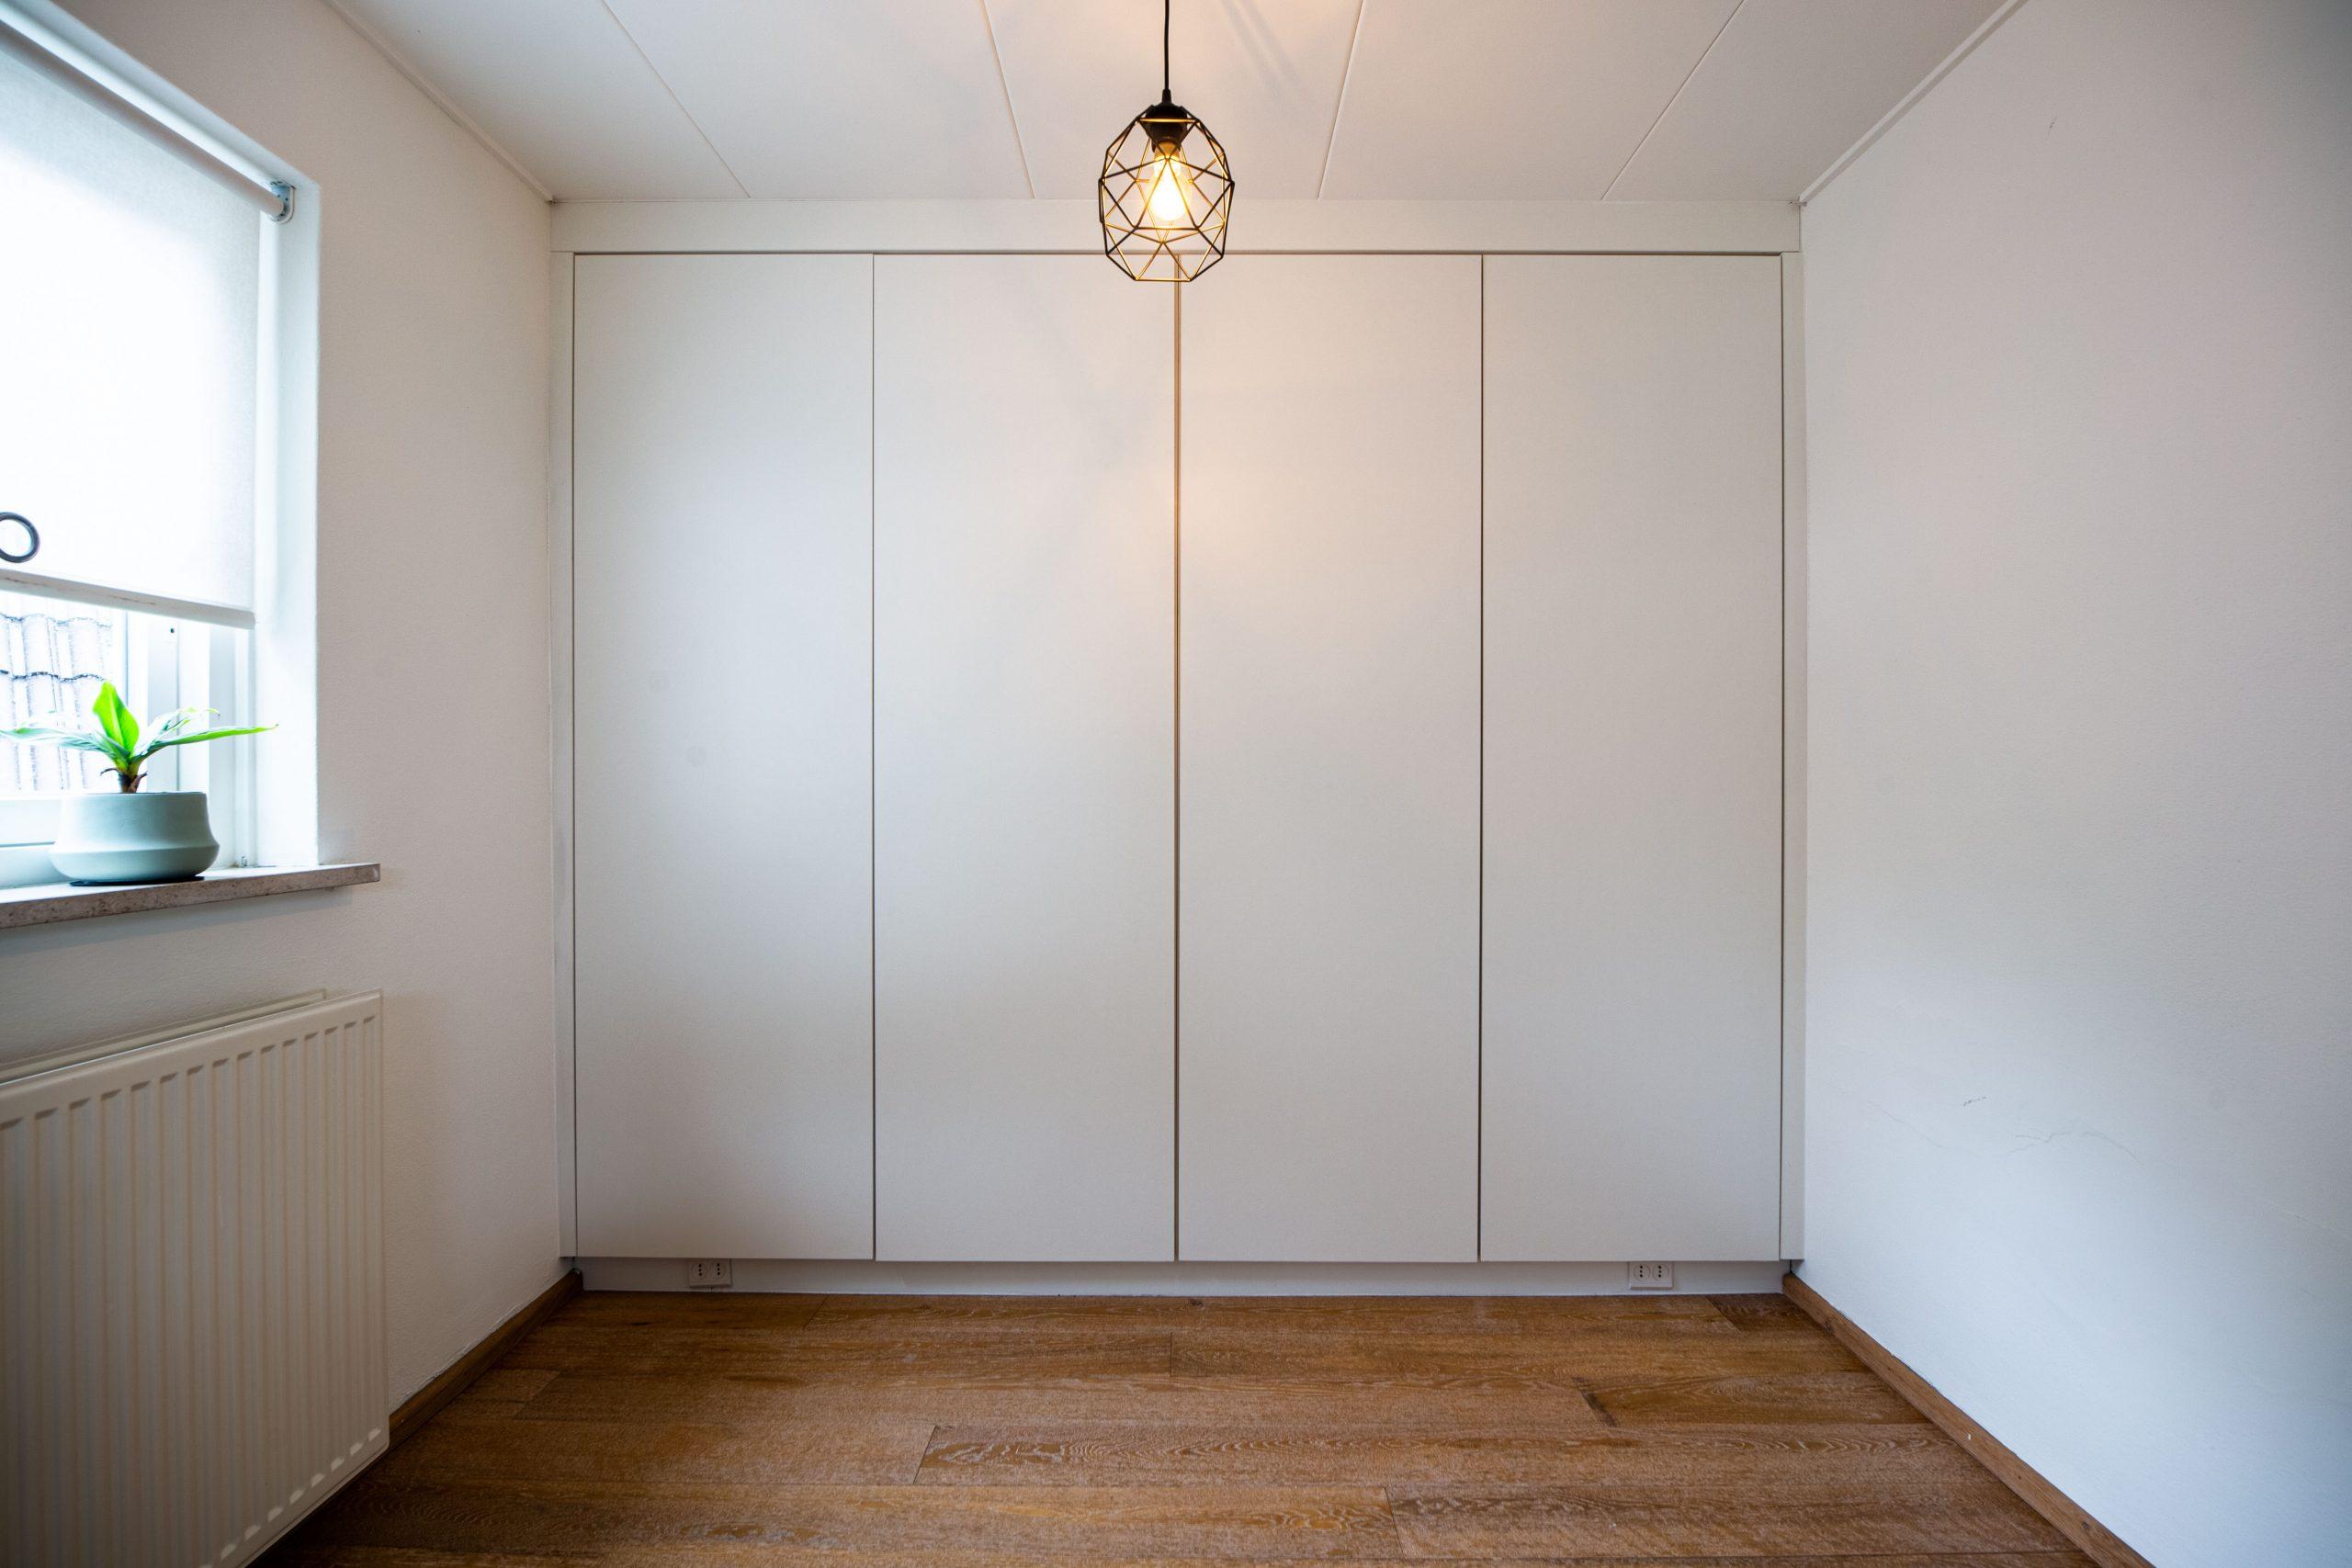 Sens Interieurs - kastruimte slaapkamers - galerij7